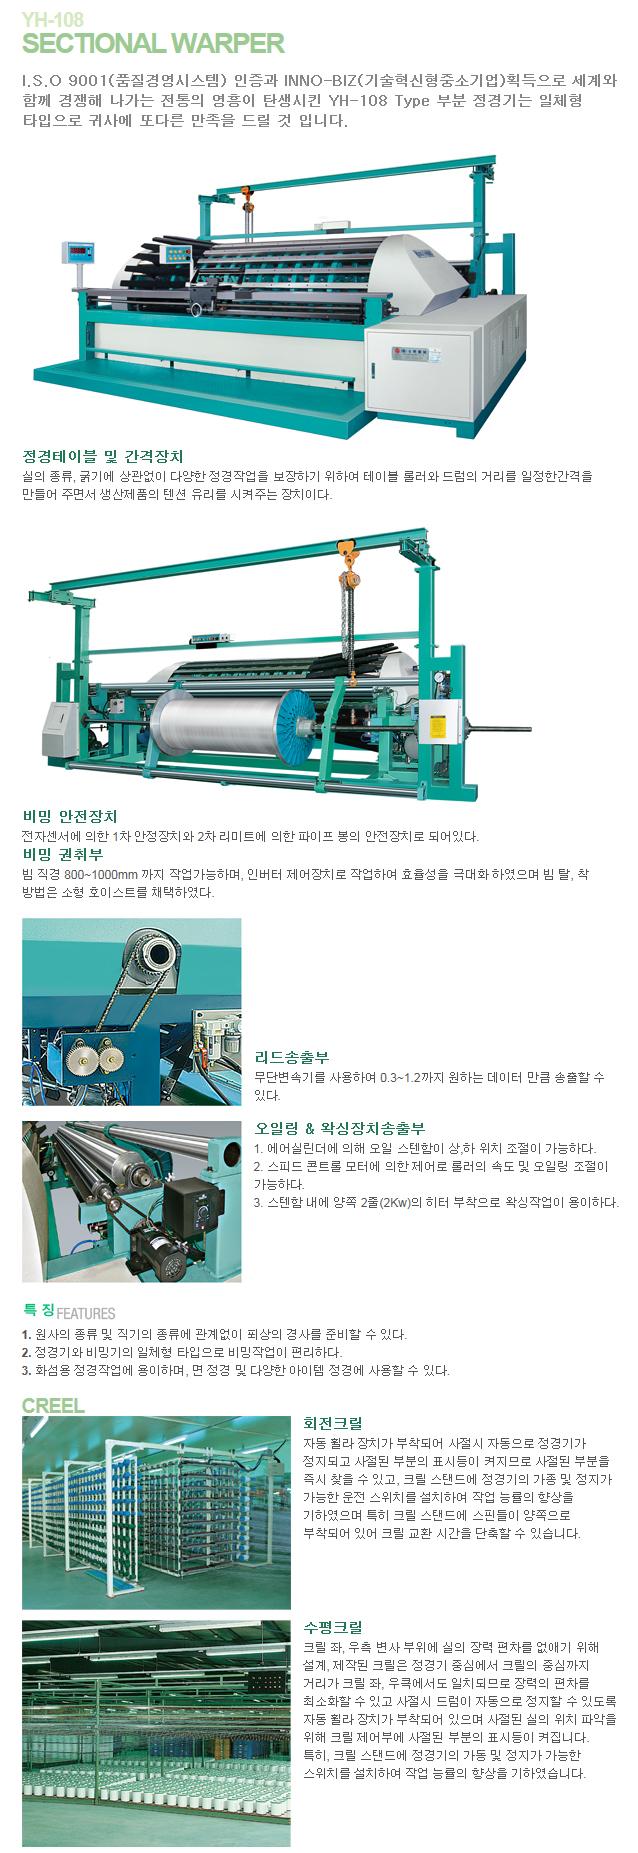 (주)영흥기계 Sectional Warper YH-108